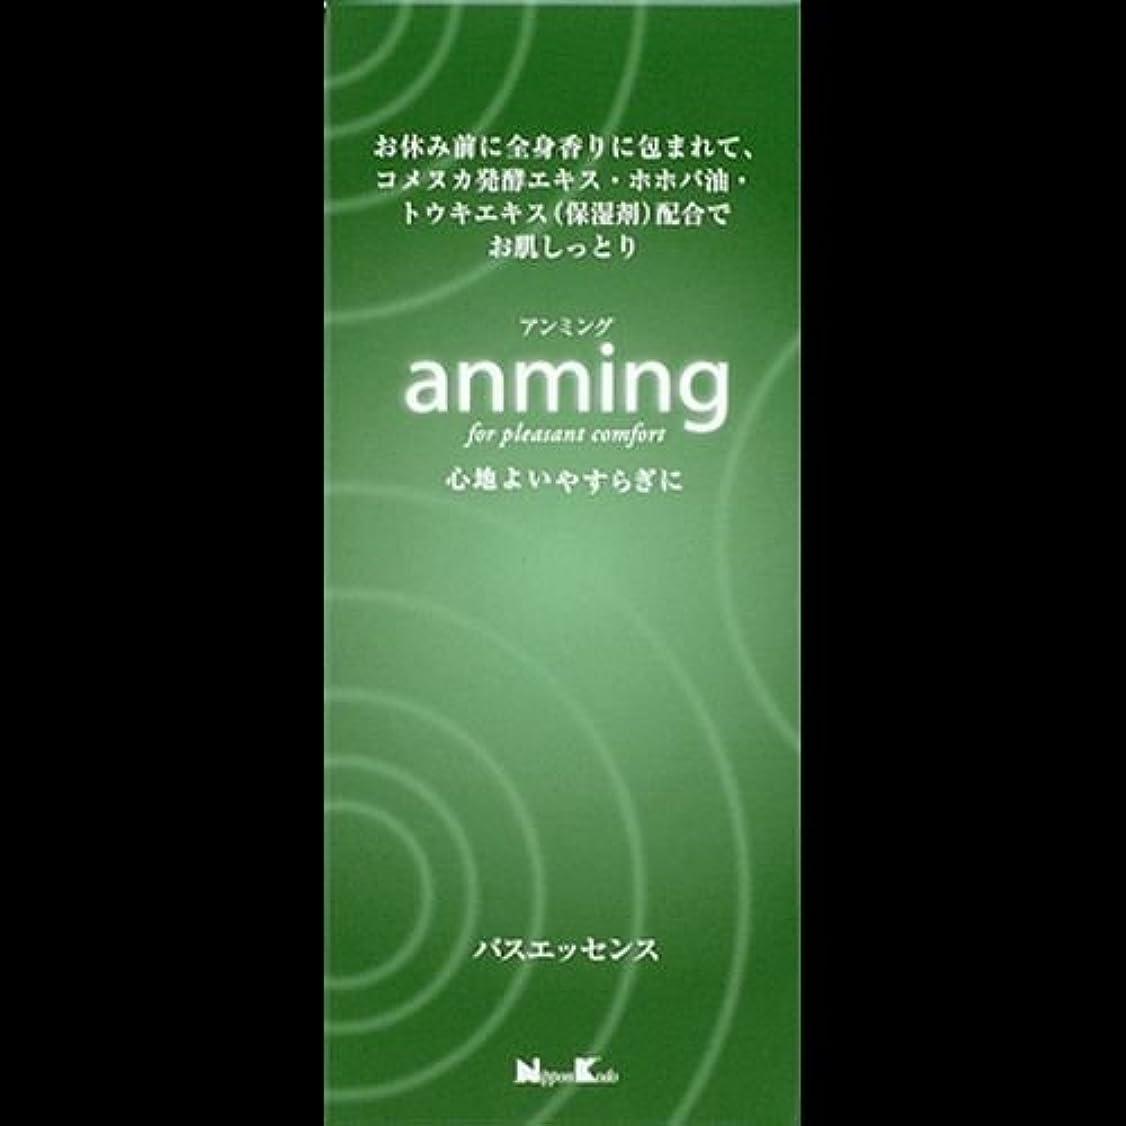 苗社会緊張【まとめ買い】anming(アンミング) バスエッセンス 480ml ×2セット